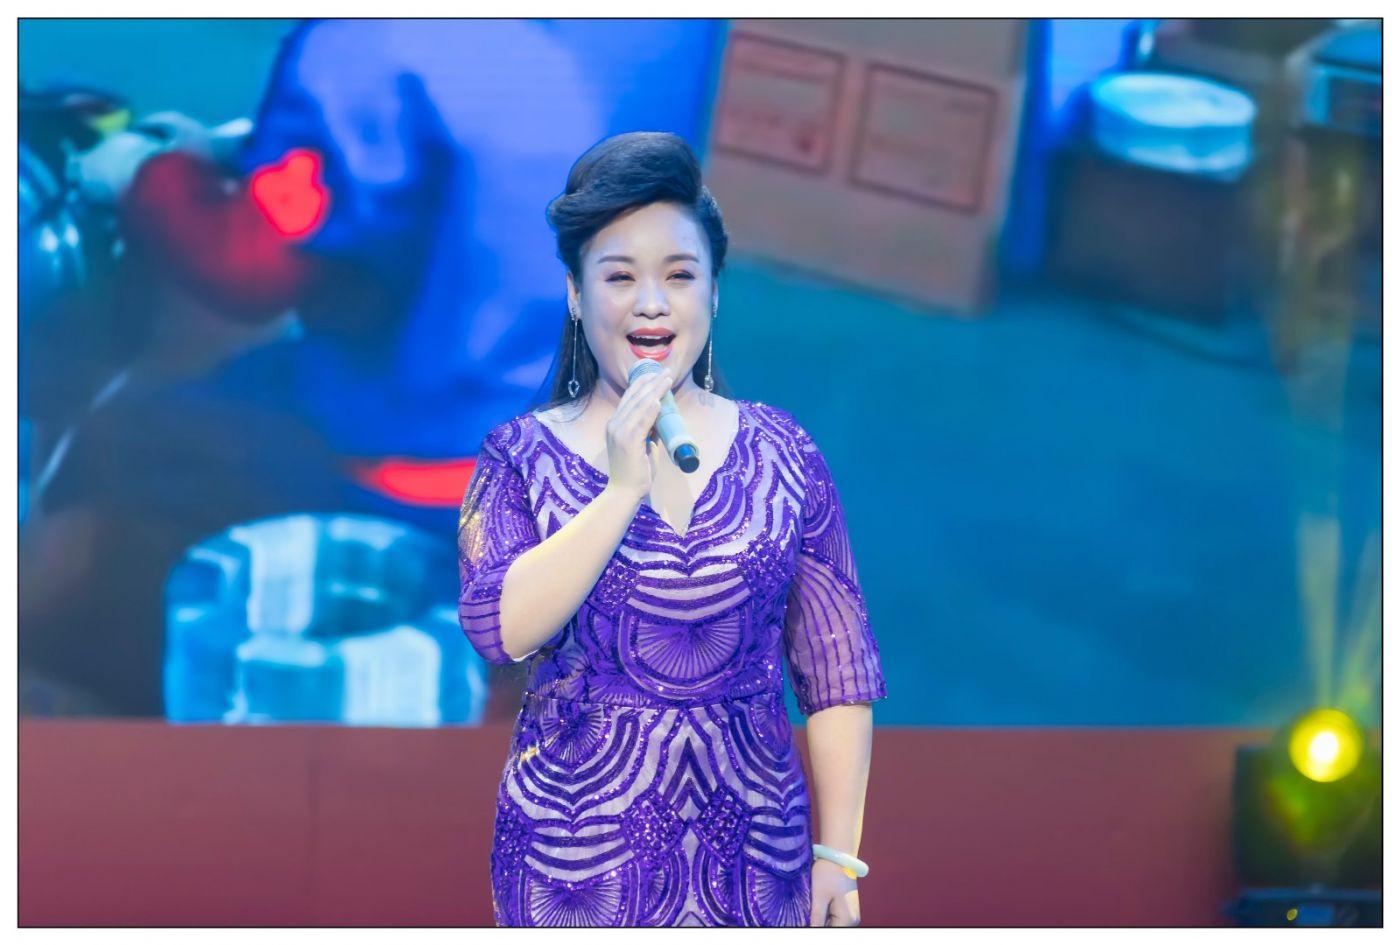 临沂姑娘杨妮妮曾感动春晚总动员 今晚在临沂电视台大放异彩 ..._图1-24